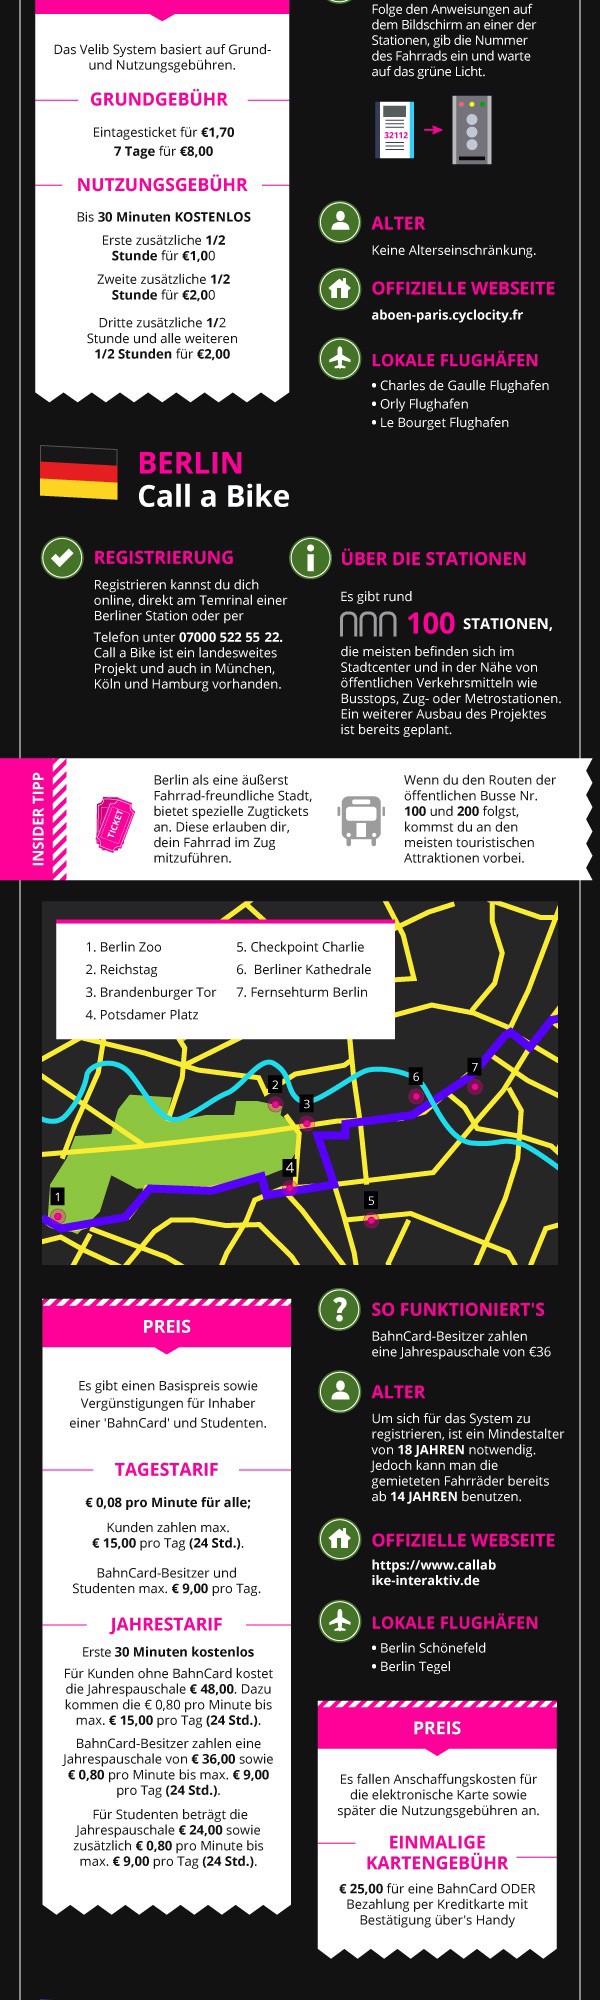 5 großartige bike-sharing Möglichkeiten in europäischen Städten 1